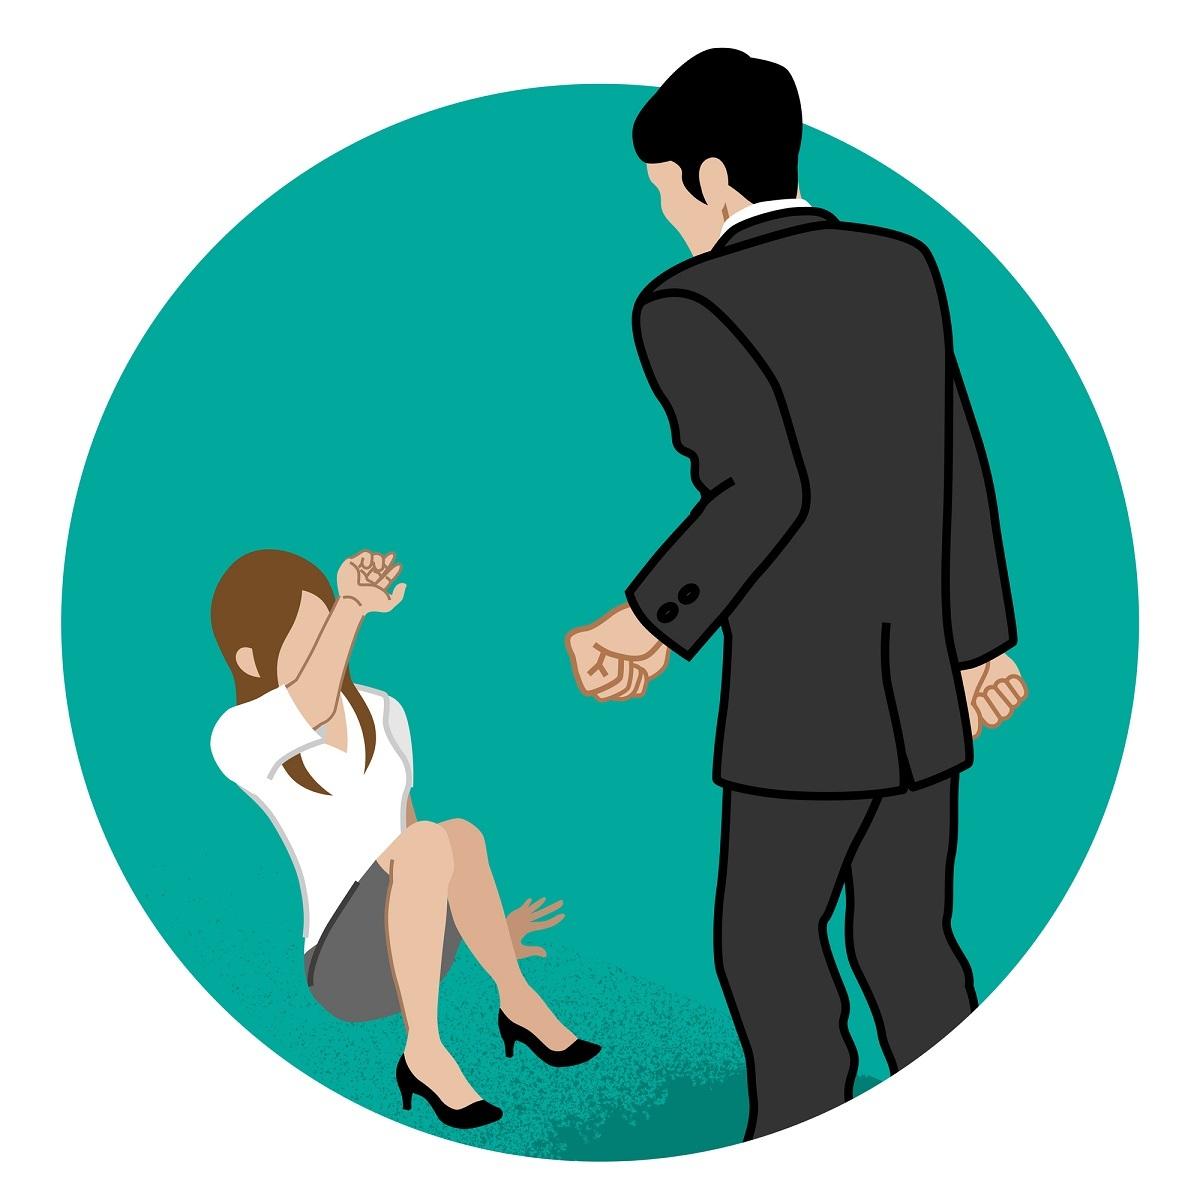 セクハラ、ジェンハラ、マタハラ…職場で起きやすい男女間のハラスメントとその対処法